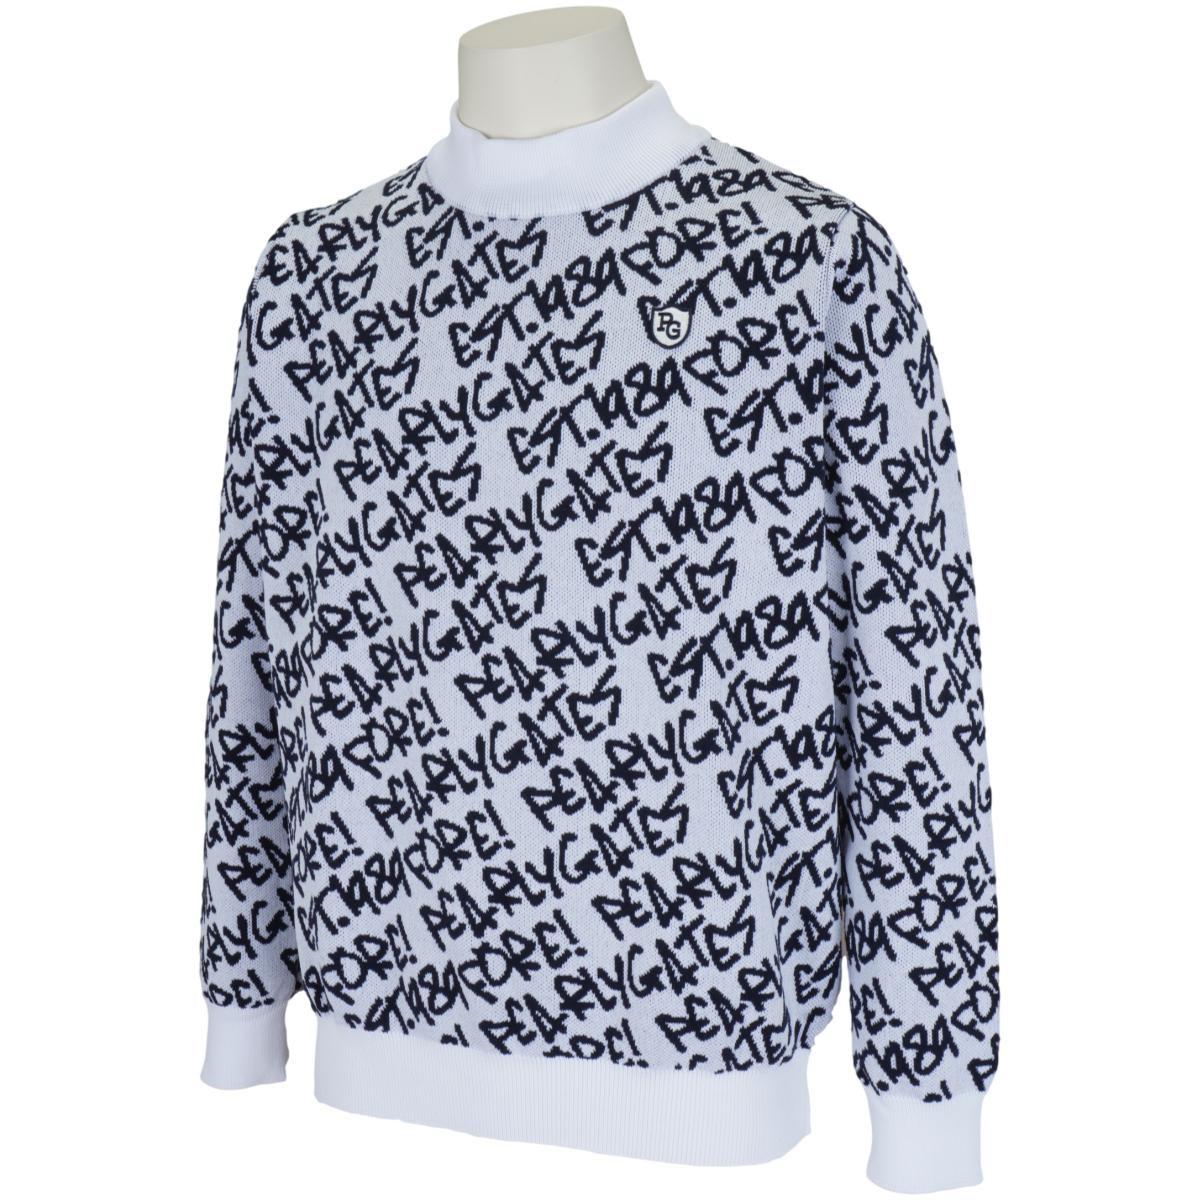 パーリーゲイツ カルセーナ らくがきロゴ 長袖セーター